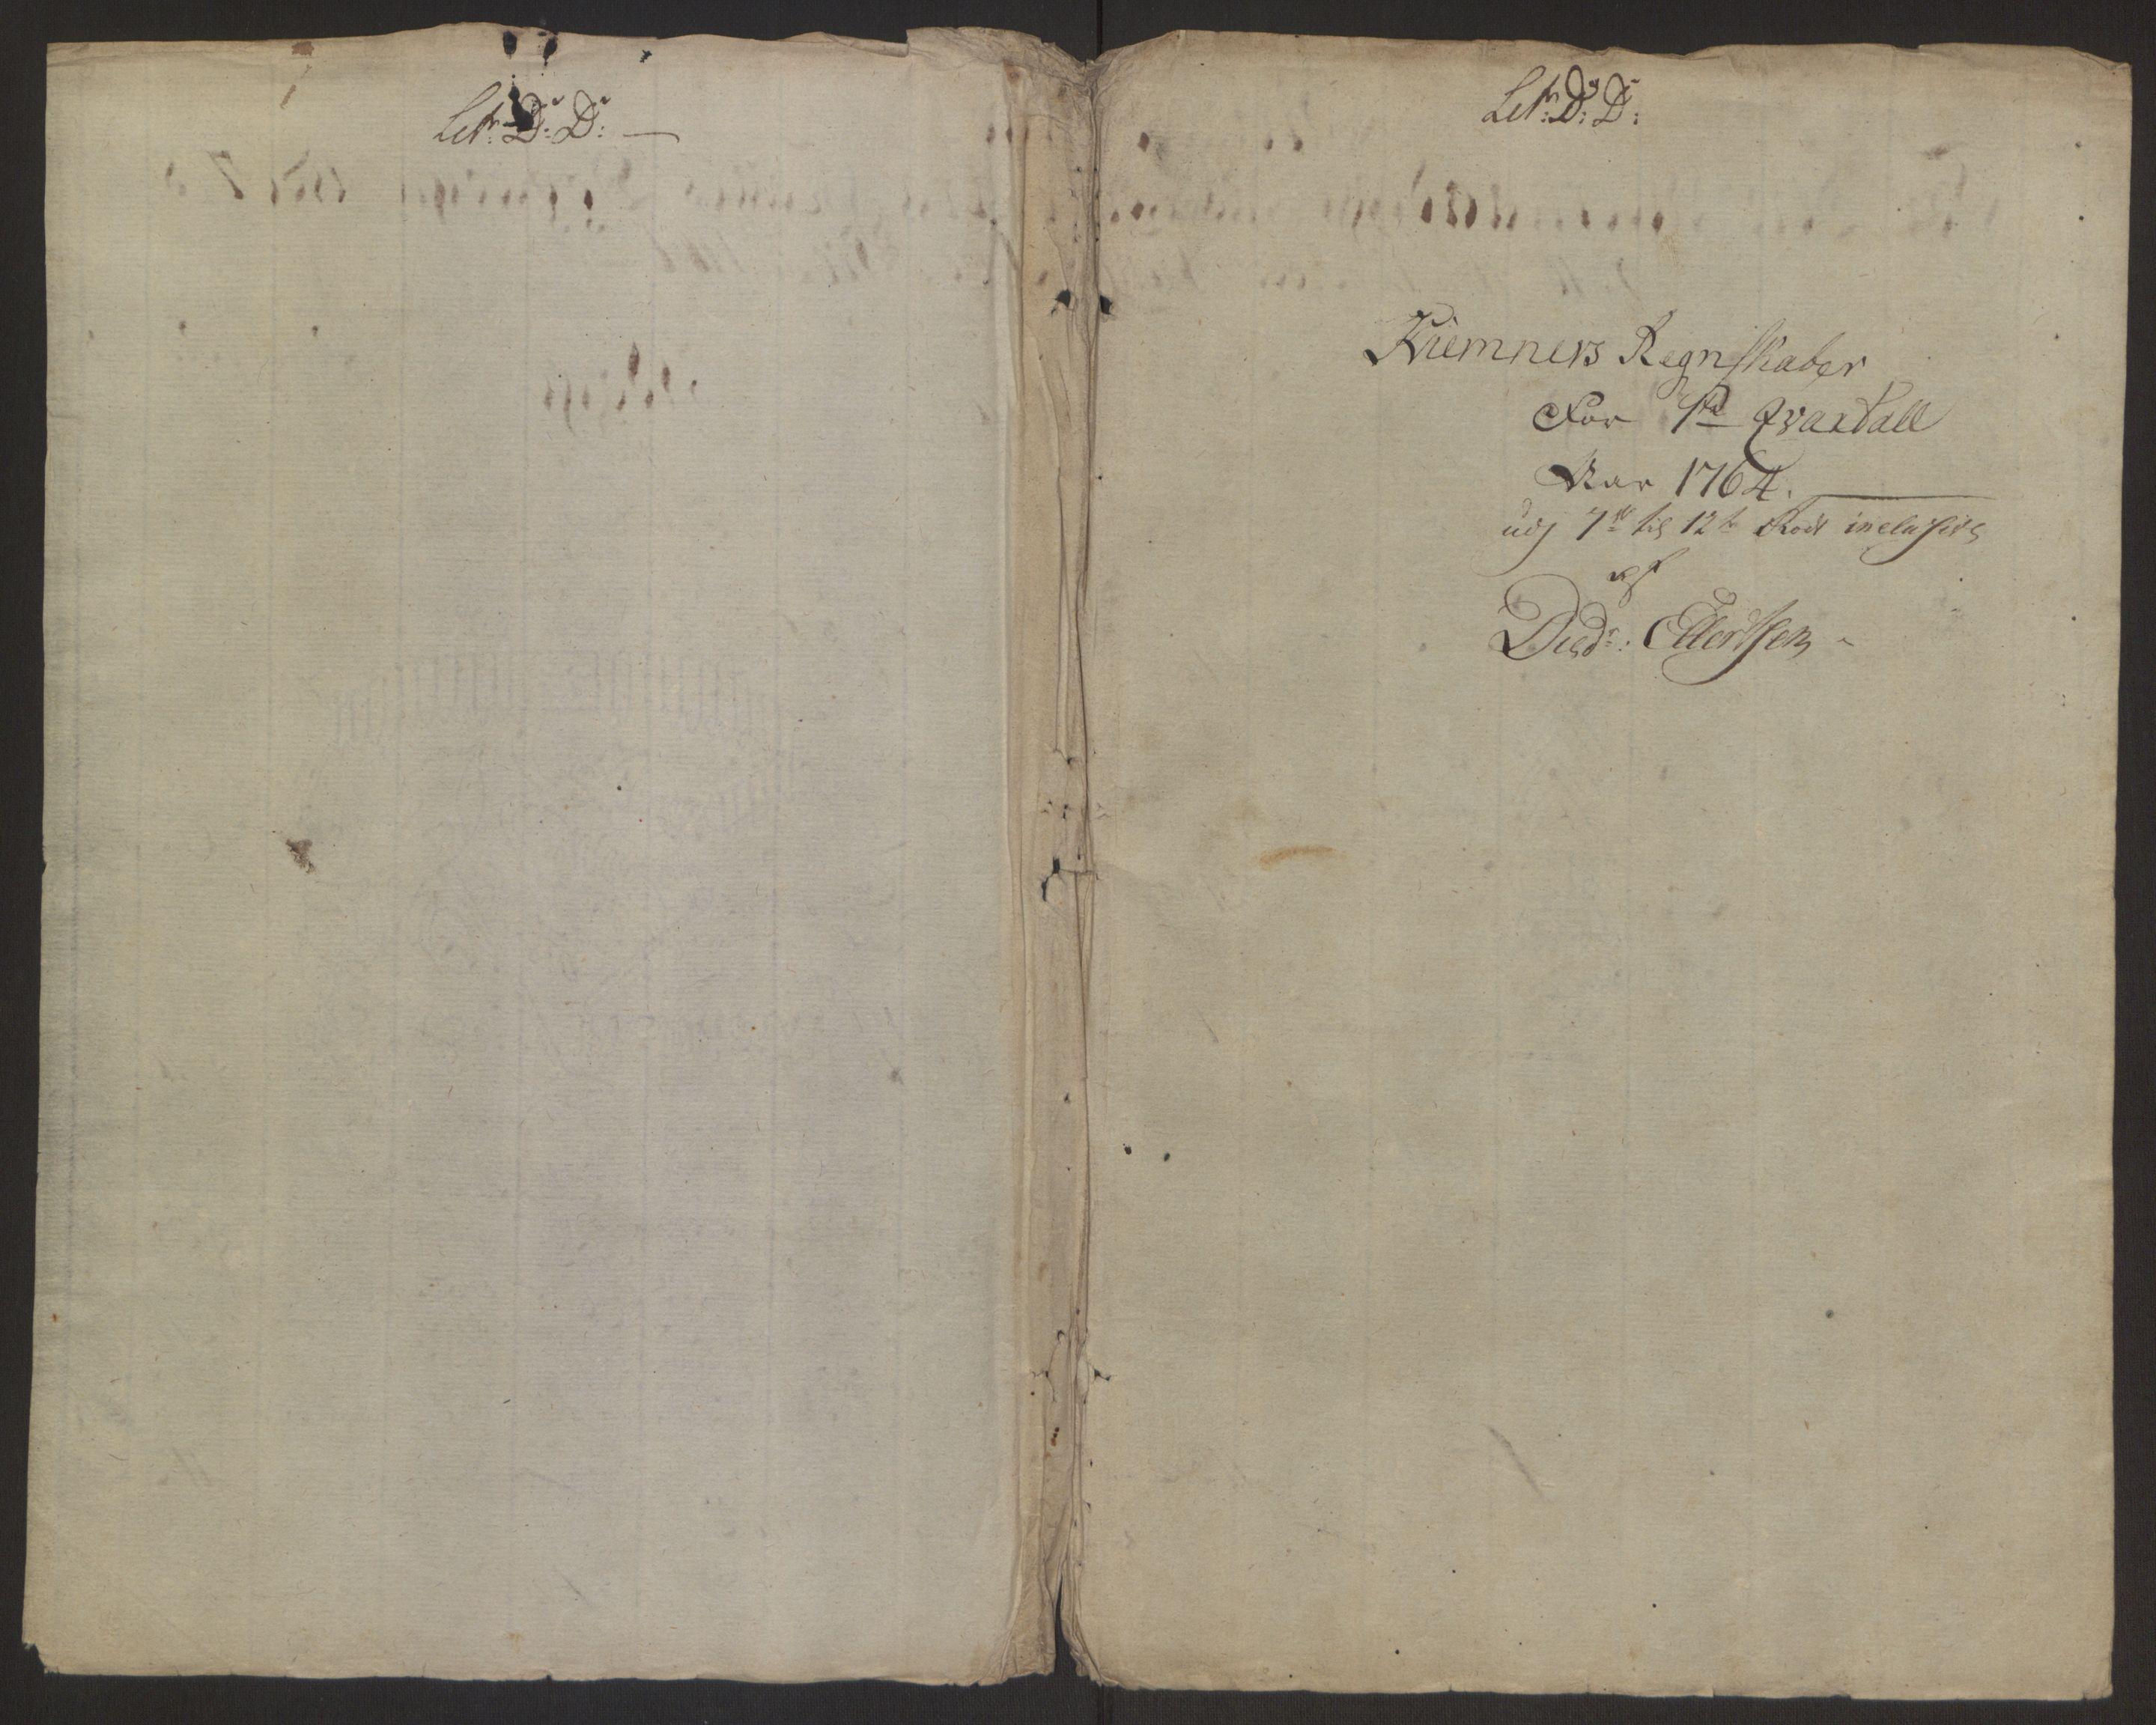 RA, Rentekammeret inntil 1814, Reviderte regnskaper, Byregnskaper, R/Rp/L0367: [P21] Kontribusjonsregnskap, 1764, s. 173